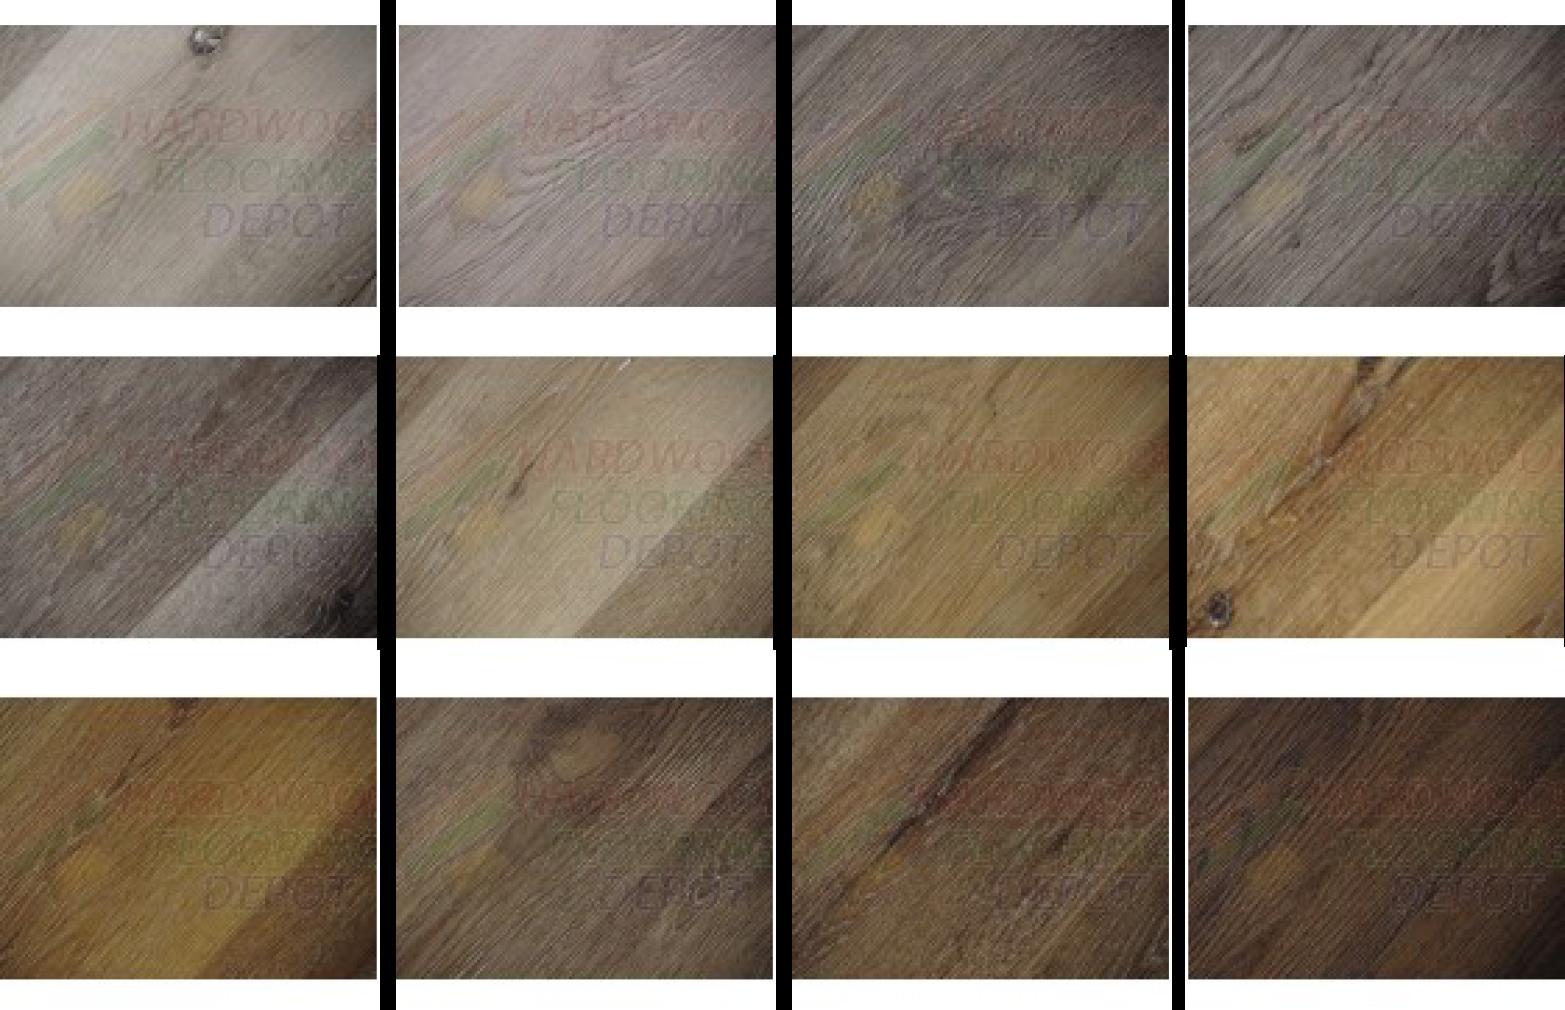 Standard vinyl plank floor options